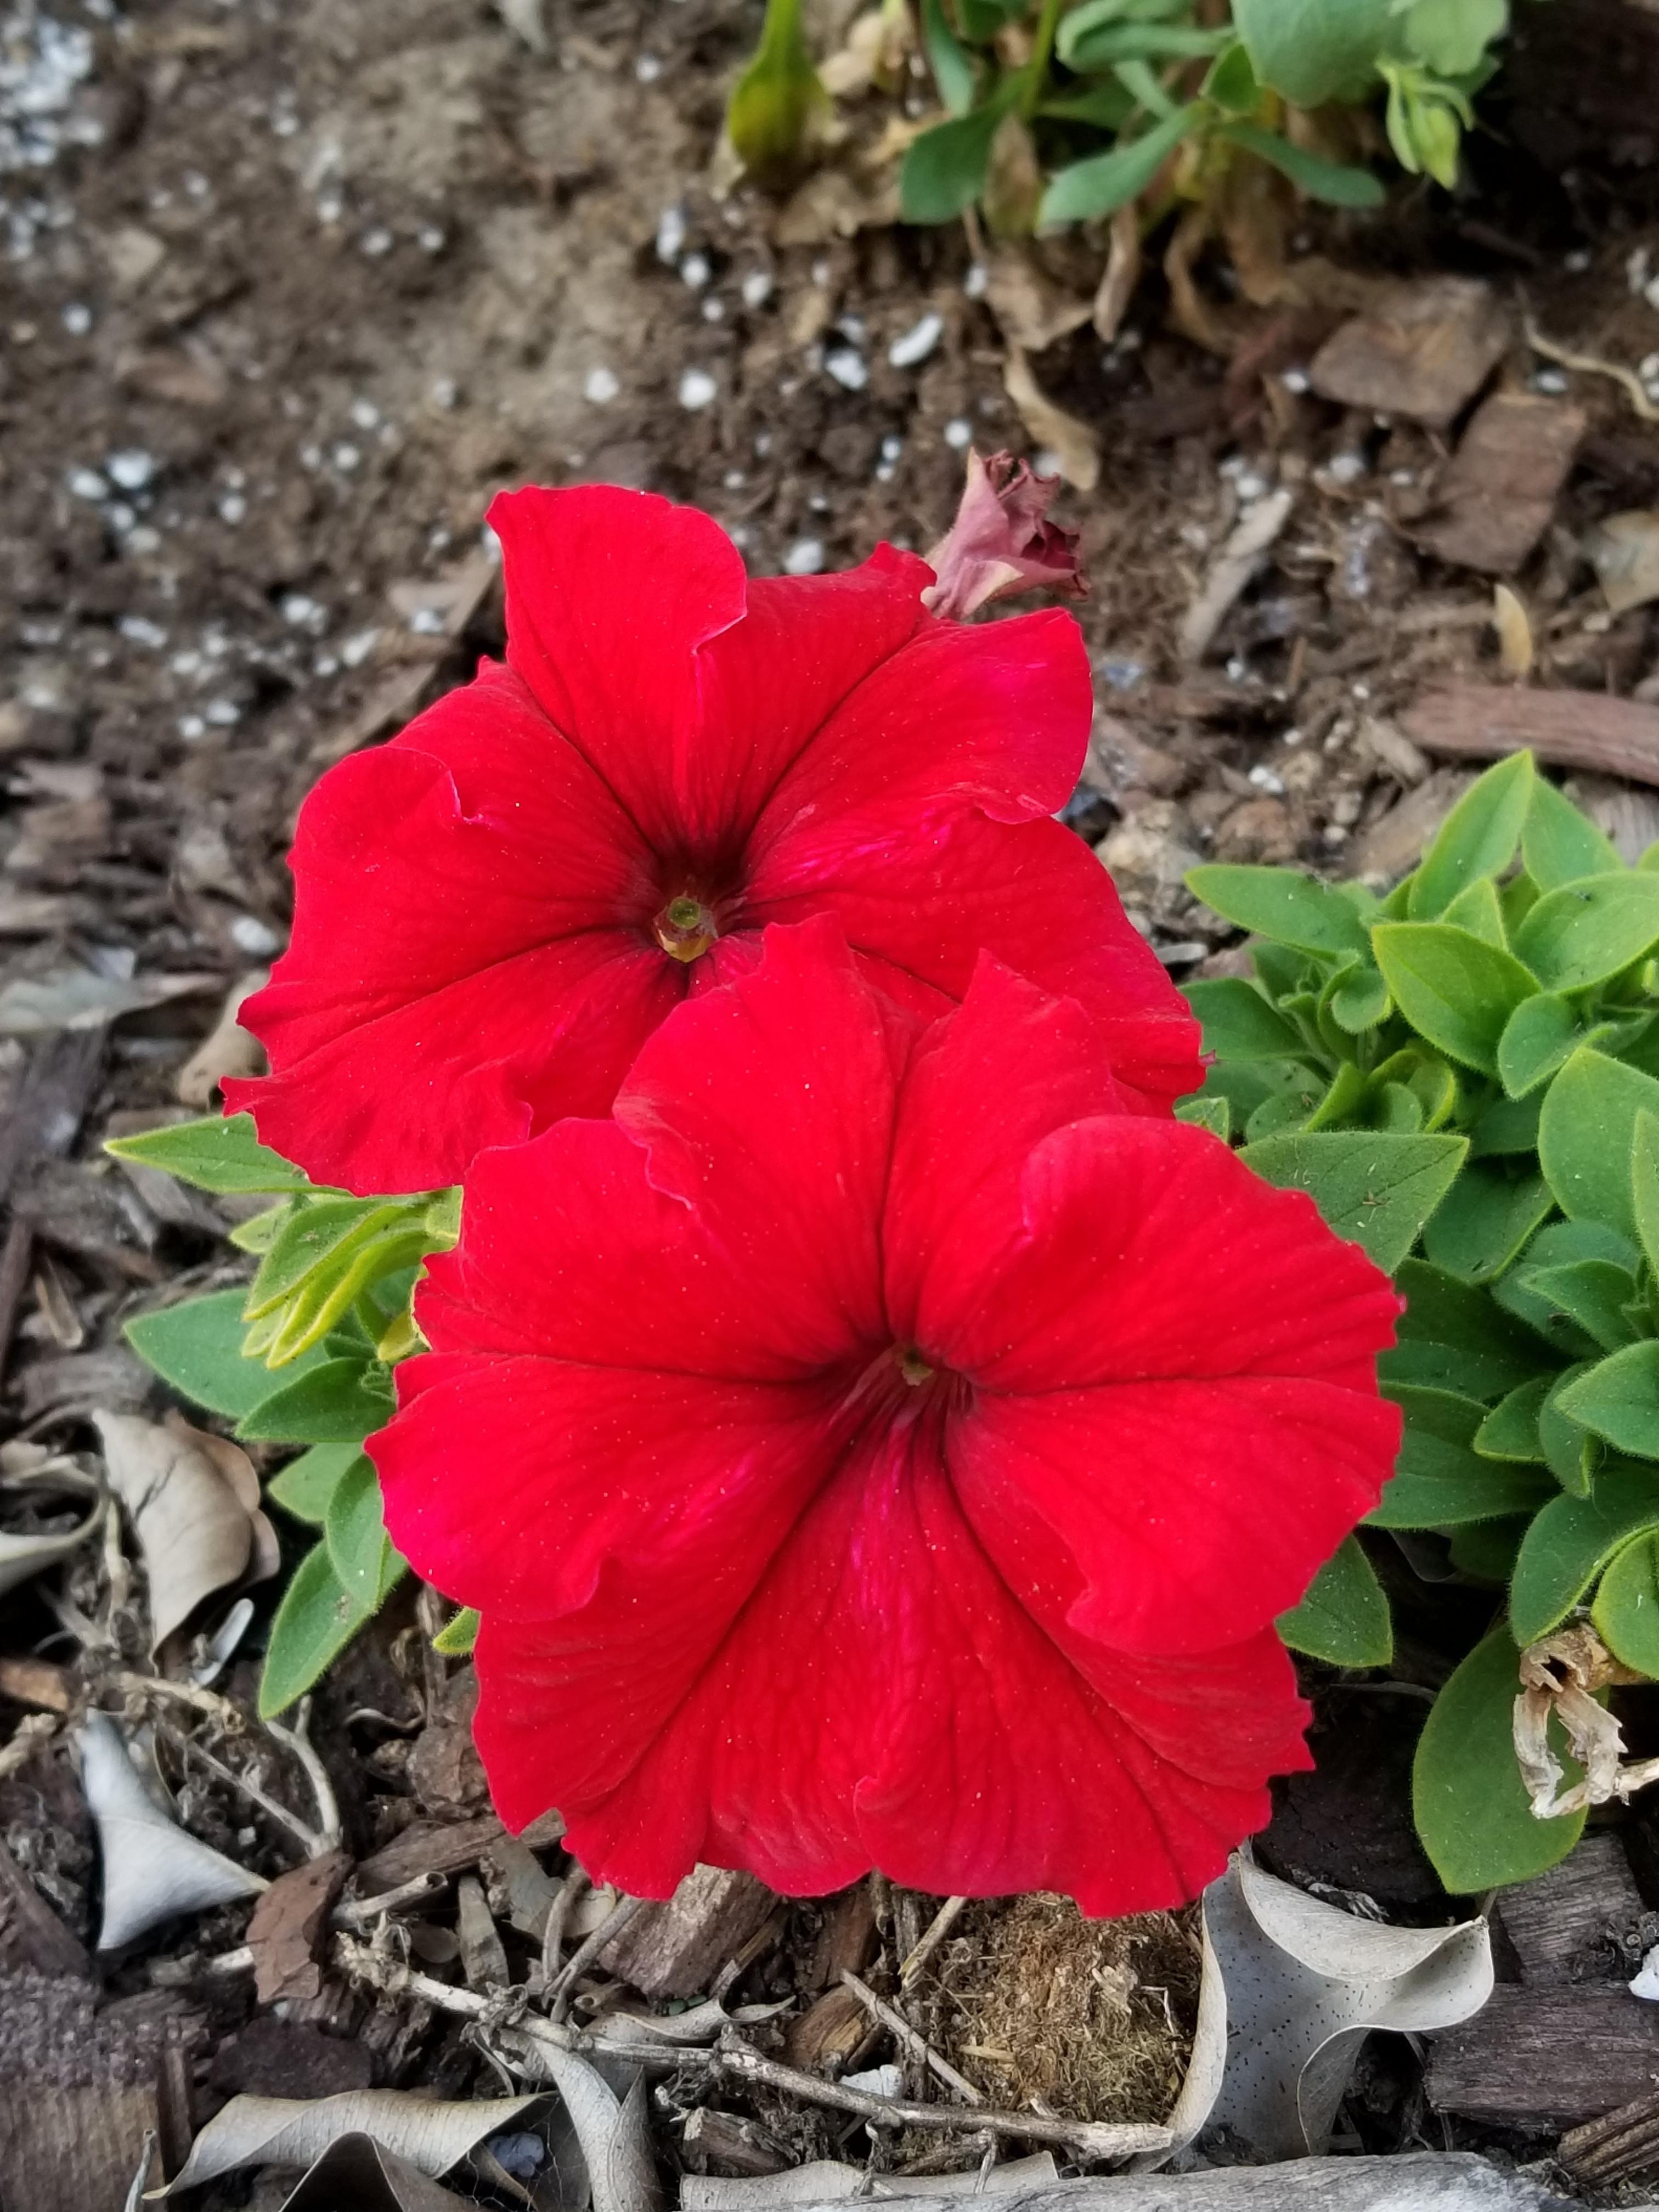 Super red petunias gardening garden DIY home flowers